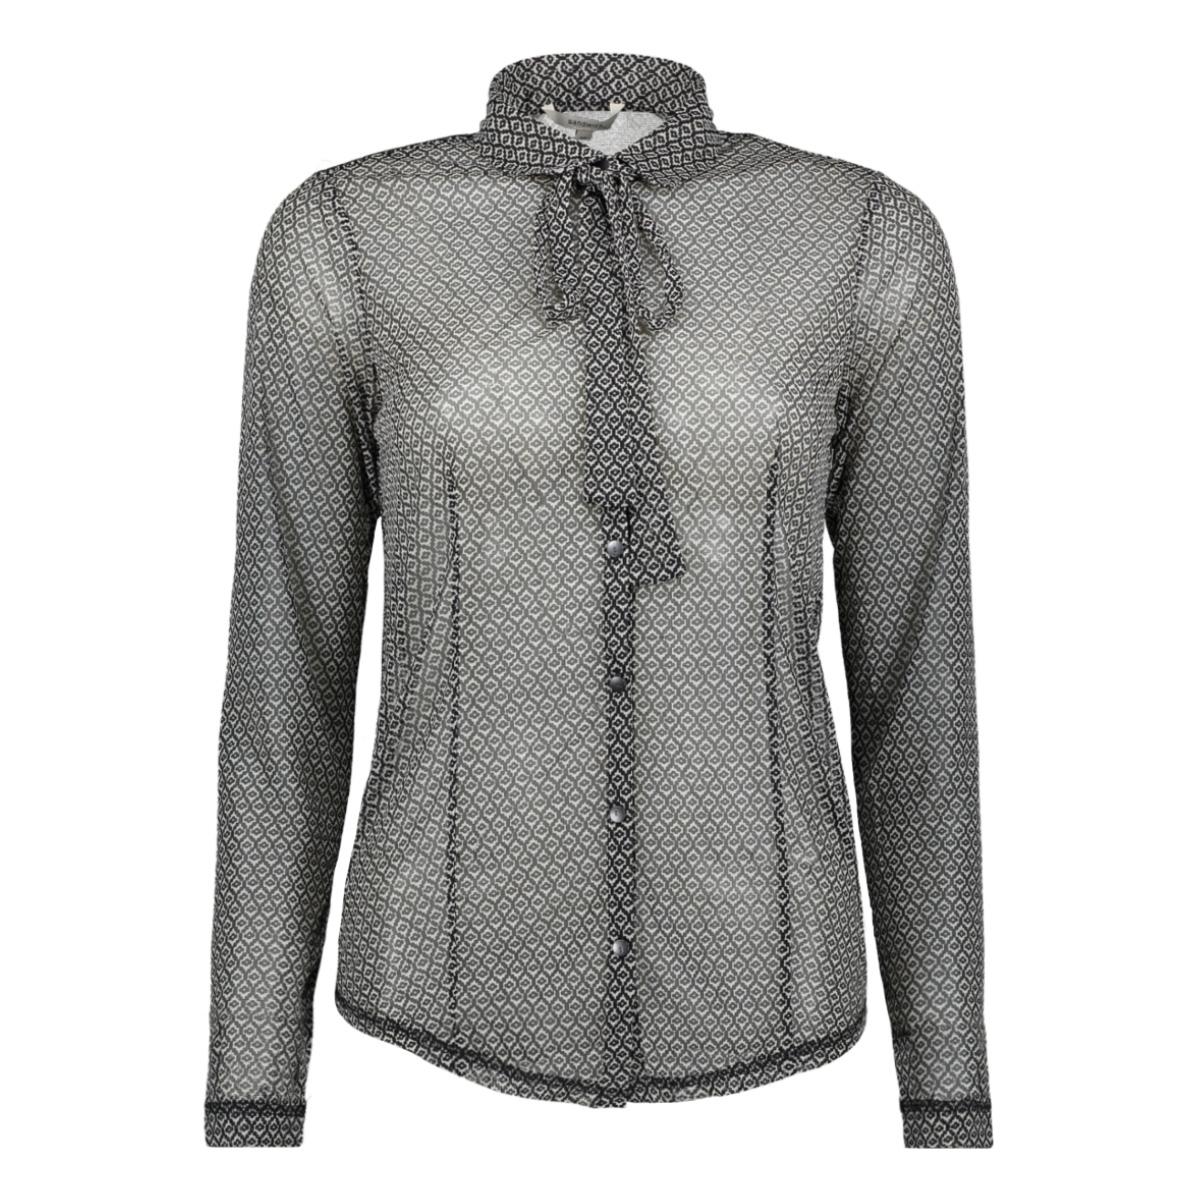 chiffon blouse 22001682 sandwich blouse washed chalk